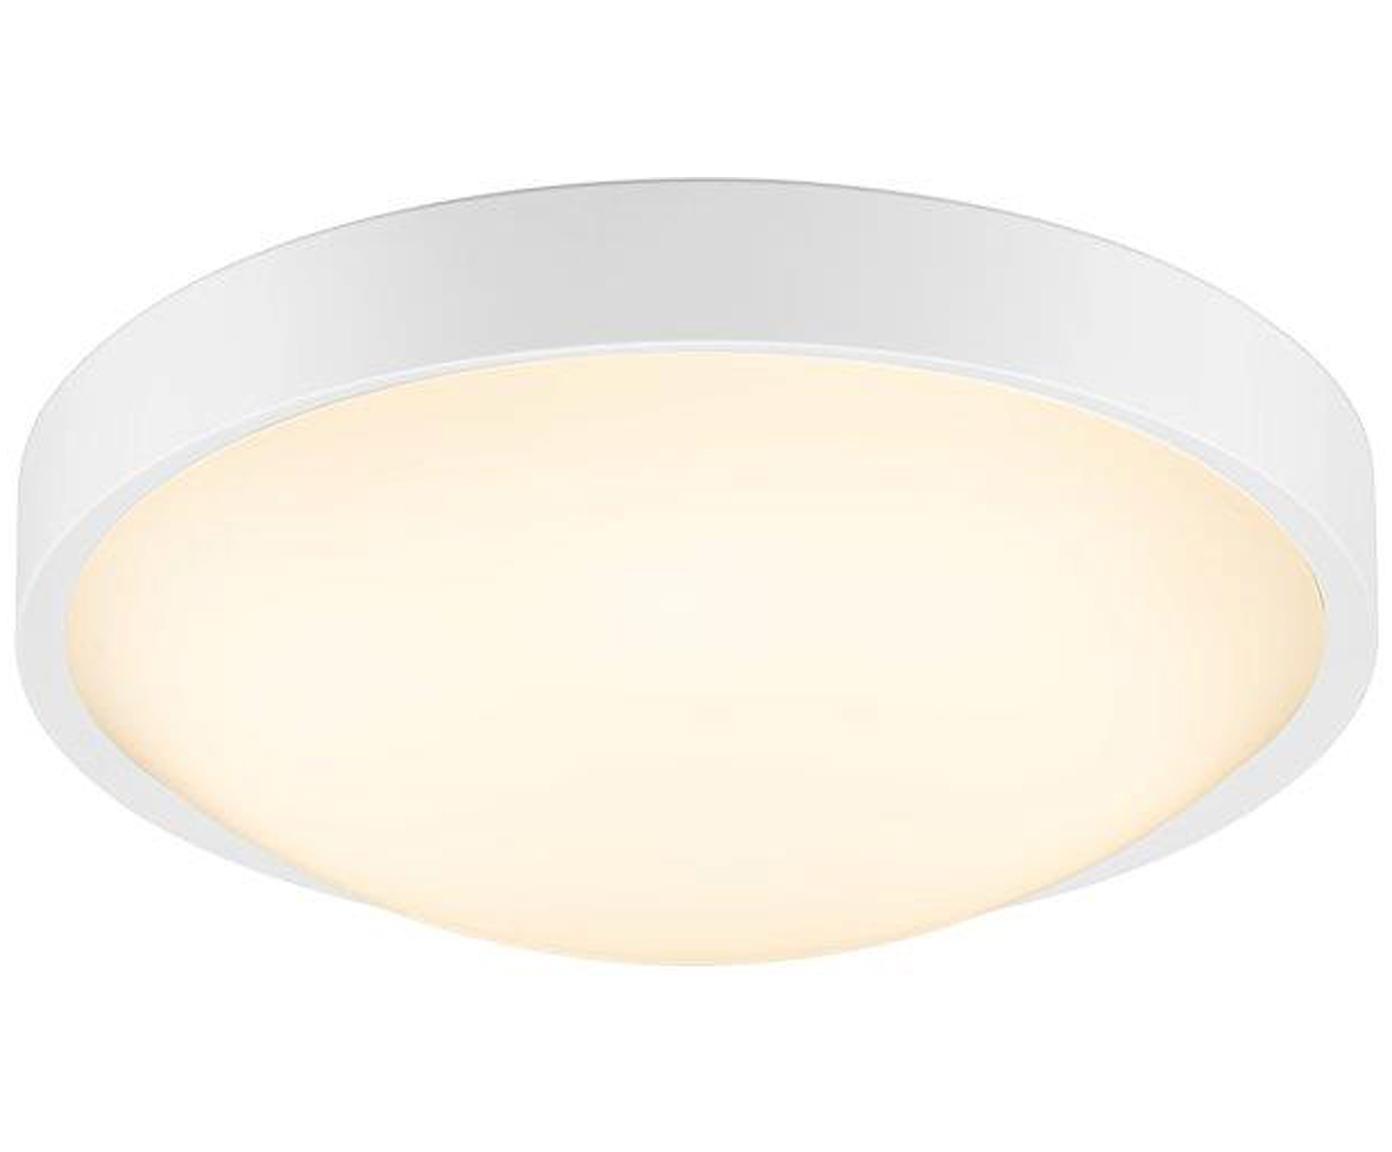 Schlichte LED-Deckenleuchte Altus, Kunststoff, Weiss, Ø 30 x H 9 cm